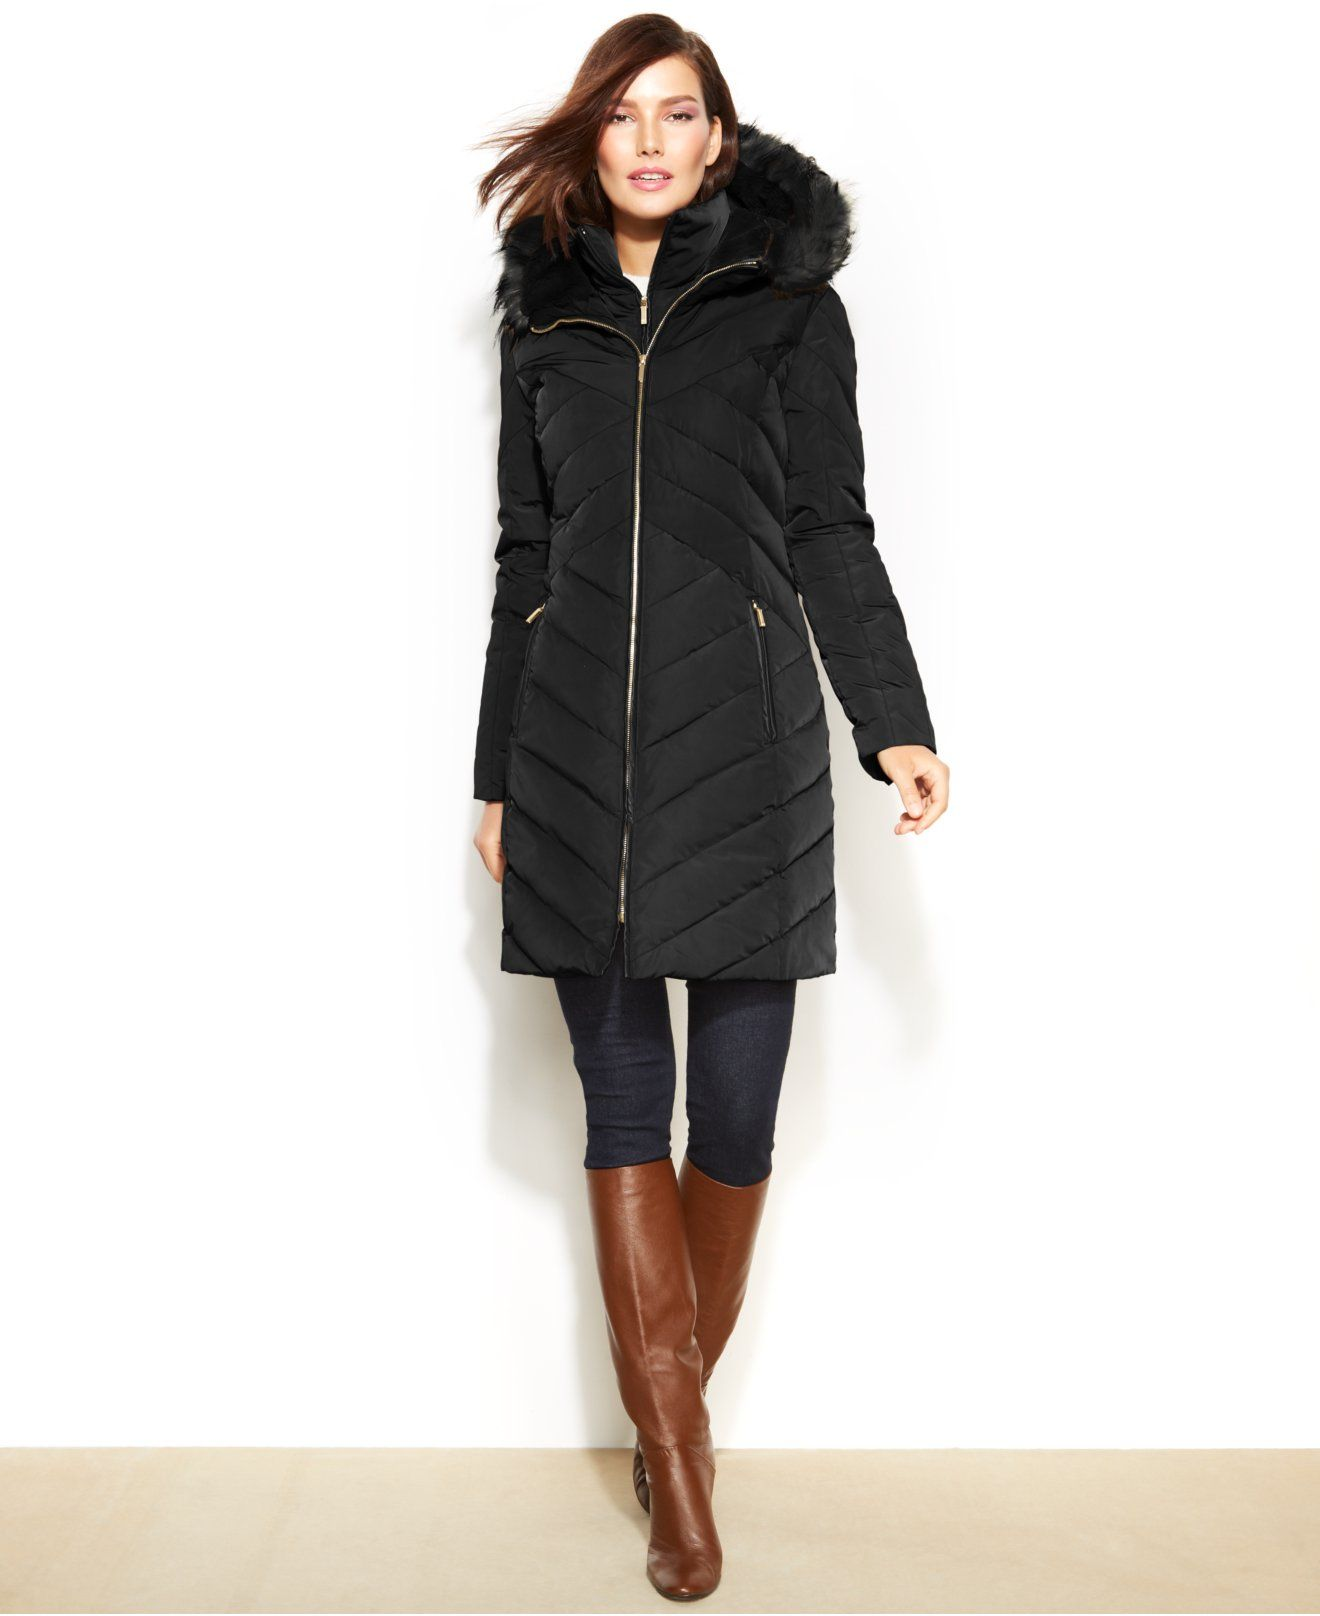 Jones New York Faux Fur Trim Hooded Down Puffer Coat Coats Women Macy S Down Puffer Coat Puffer Coat Coats For Women [ 1616 x 1320 Pixel ]